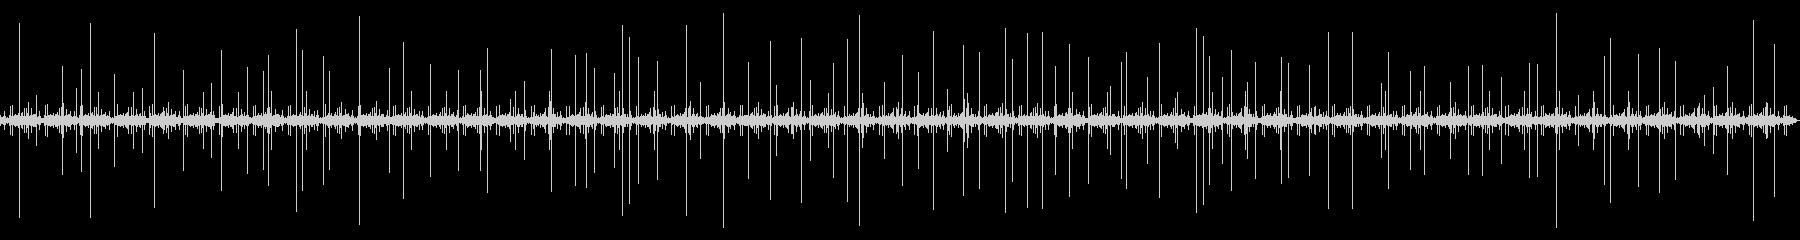 [生録音]レコード再生ノイズ01(3分)の未再生の波形